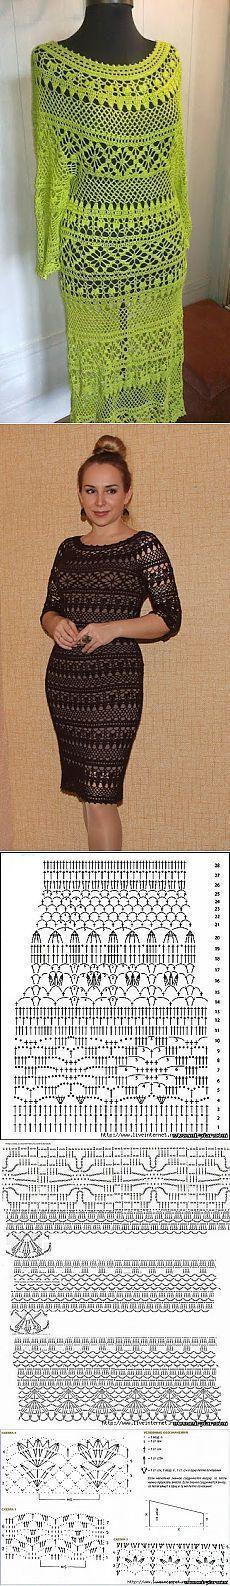 ◇◆◇ Vestido de franjas con esquema